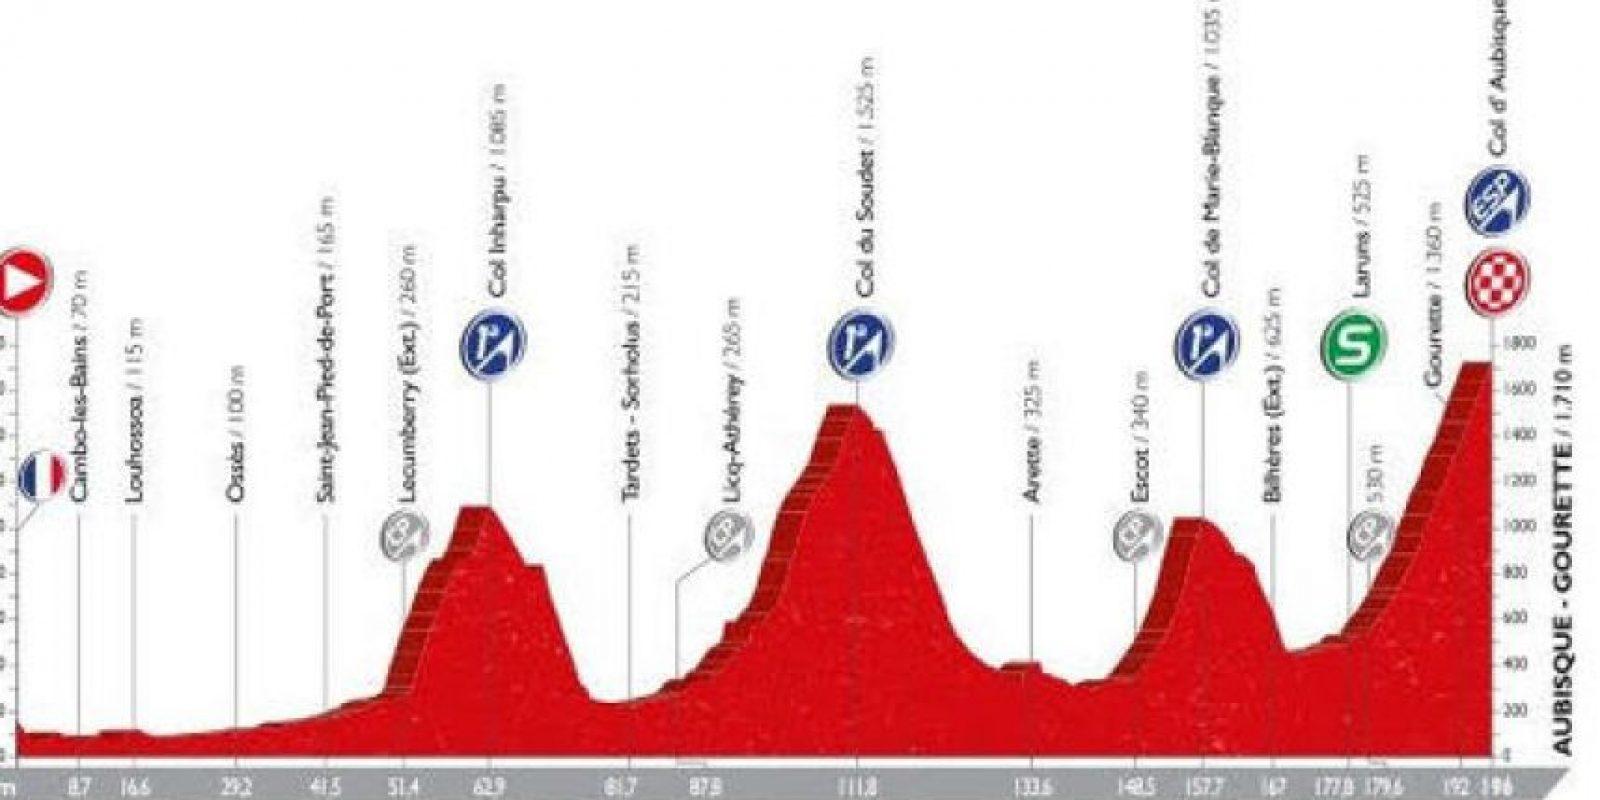 Perfil de la etapa 14 de la Vuelta a España Foto:Vuelta a España